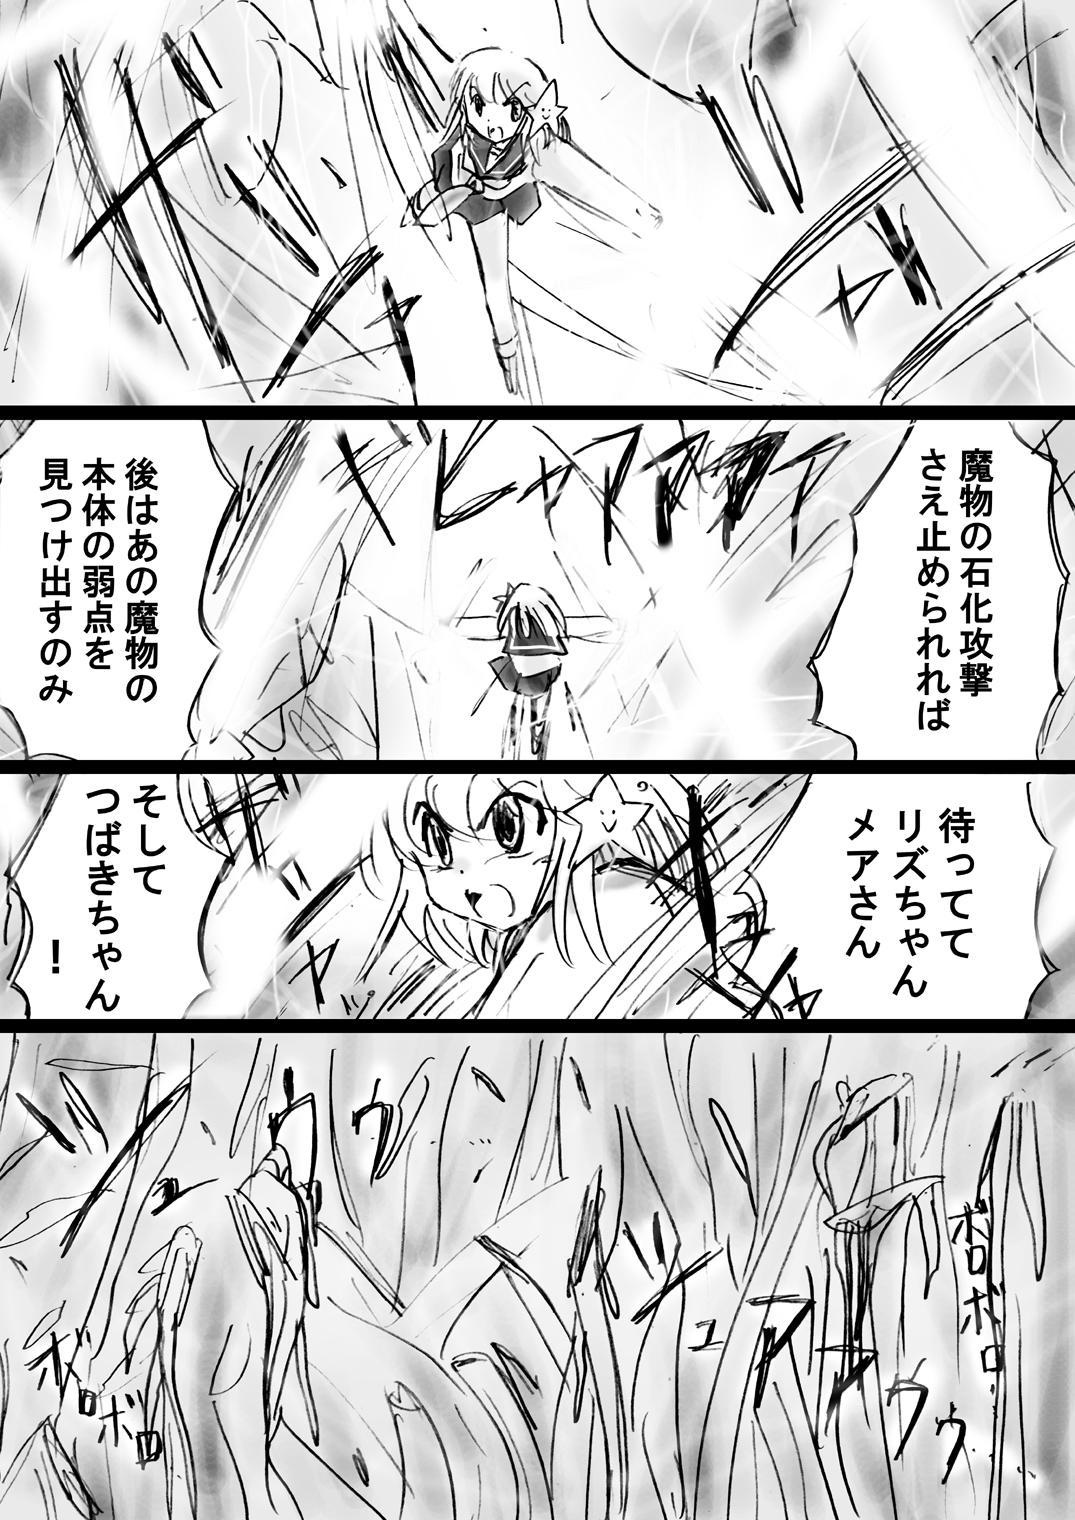 [Dende] Fushigi Sekai -Mystery World- no Nona 17 ~ Taiketsu Fujimi no Dai Inma Dakurasu, Kanzen Sekka no Kyoufu 55